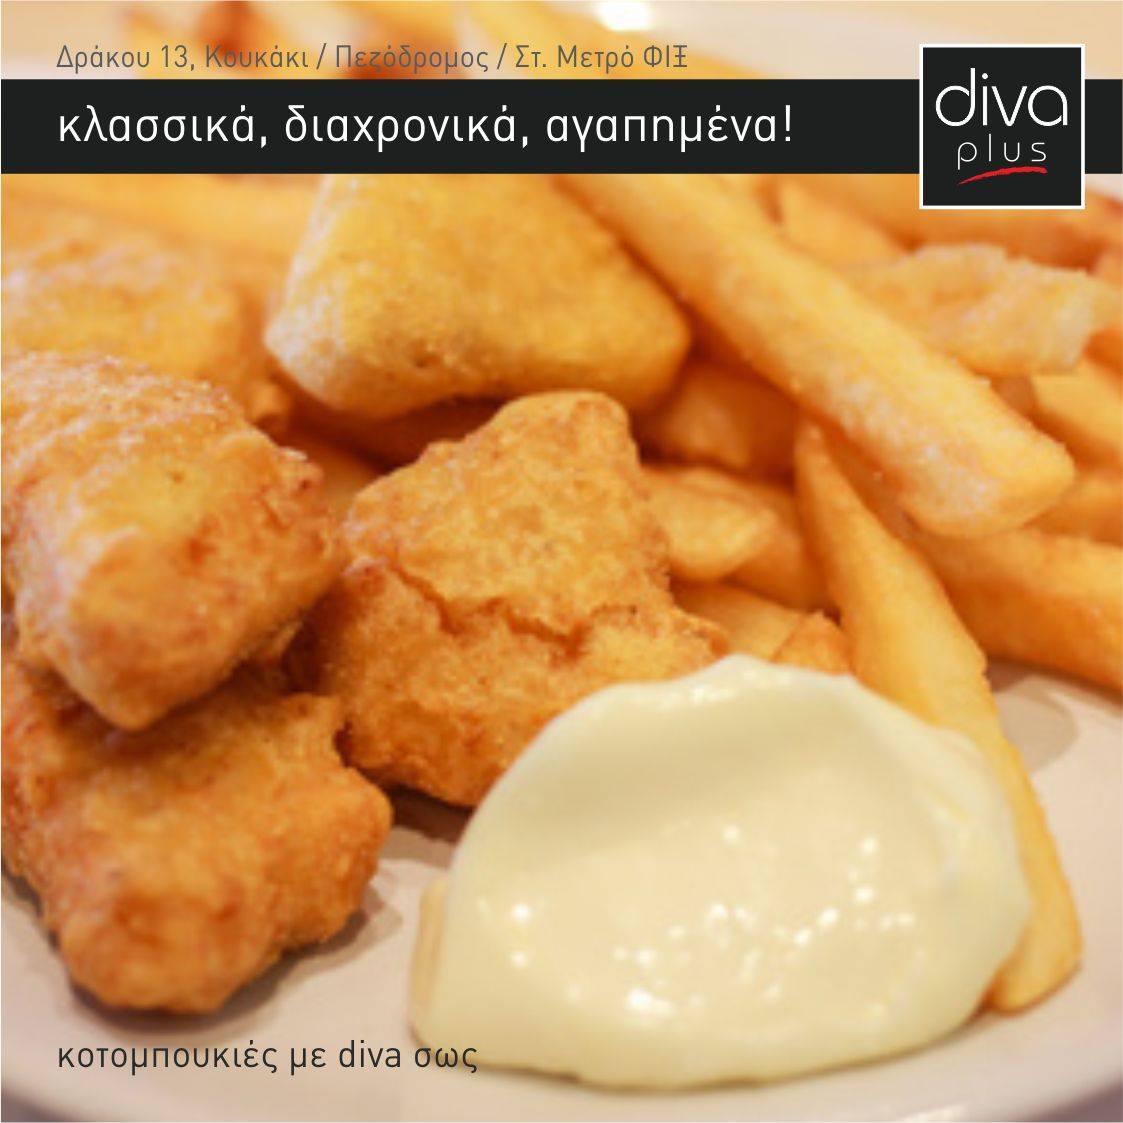 chicken nuggets 8 pieces